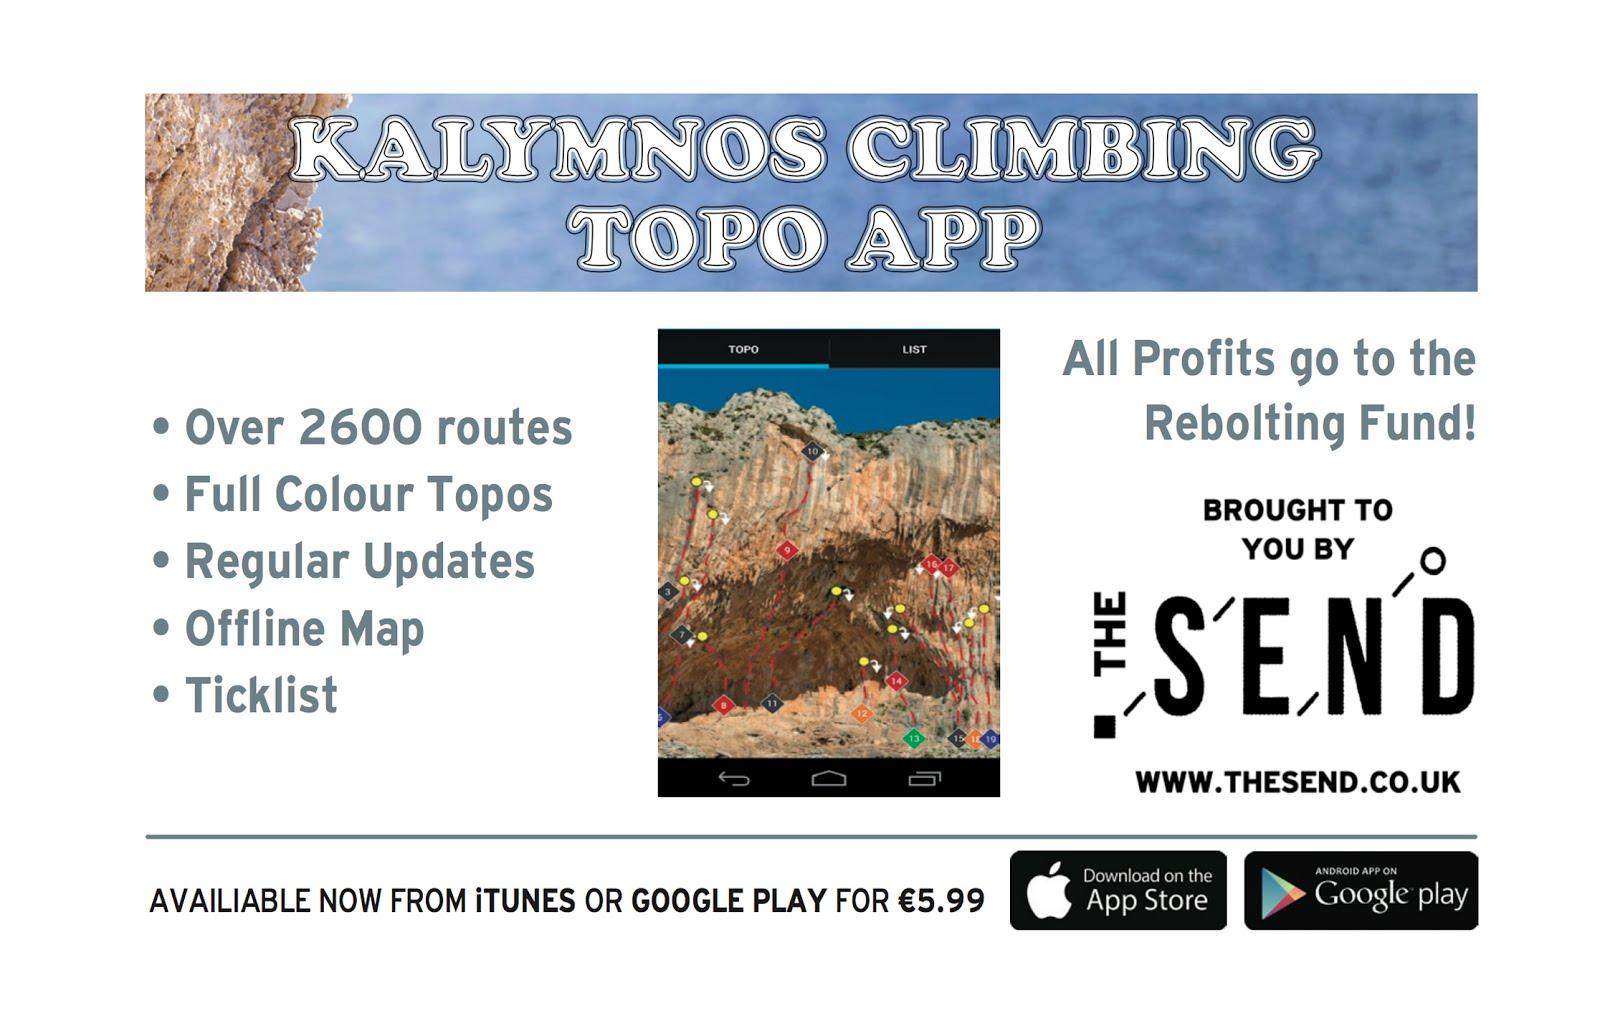 Kalymnos Climbing Topo App